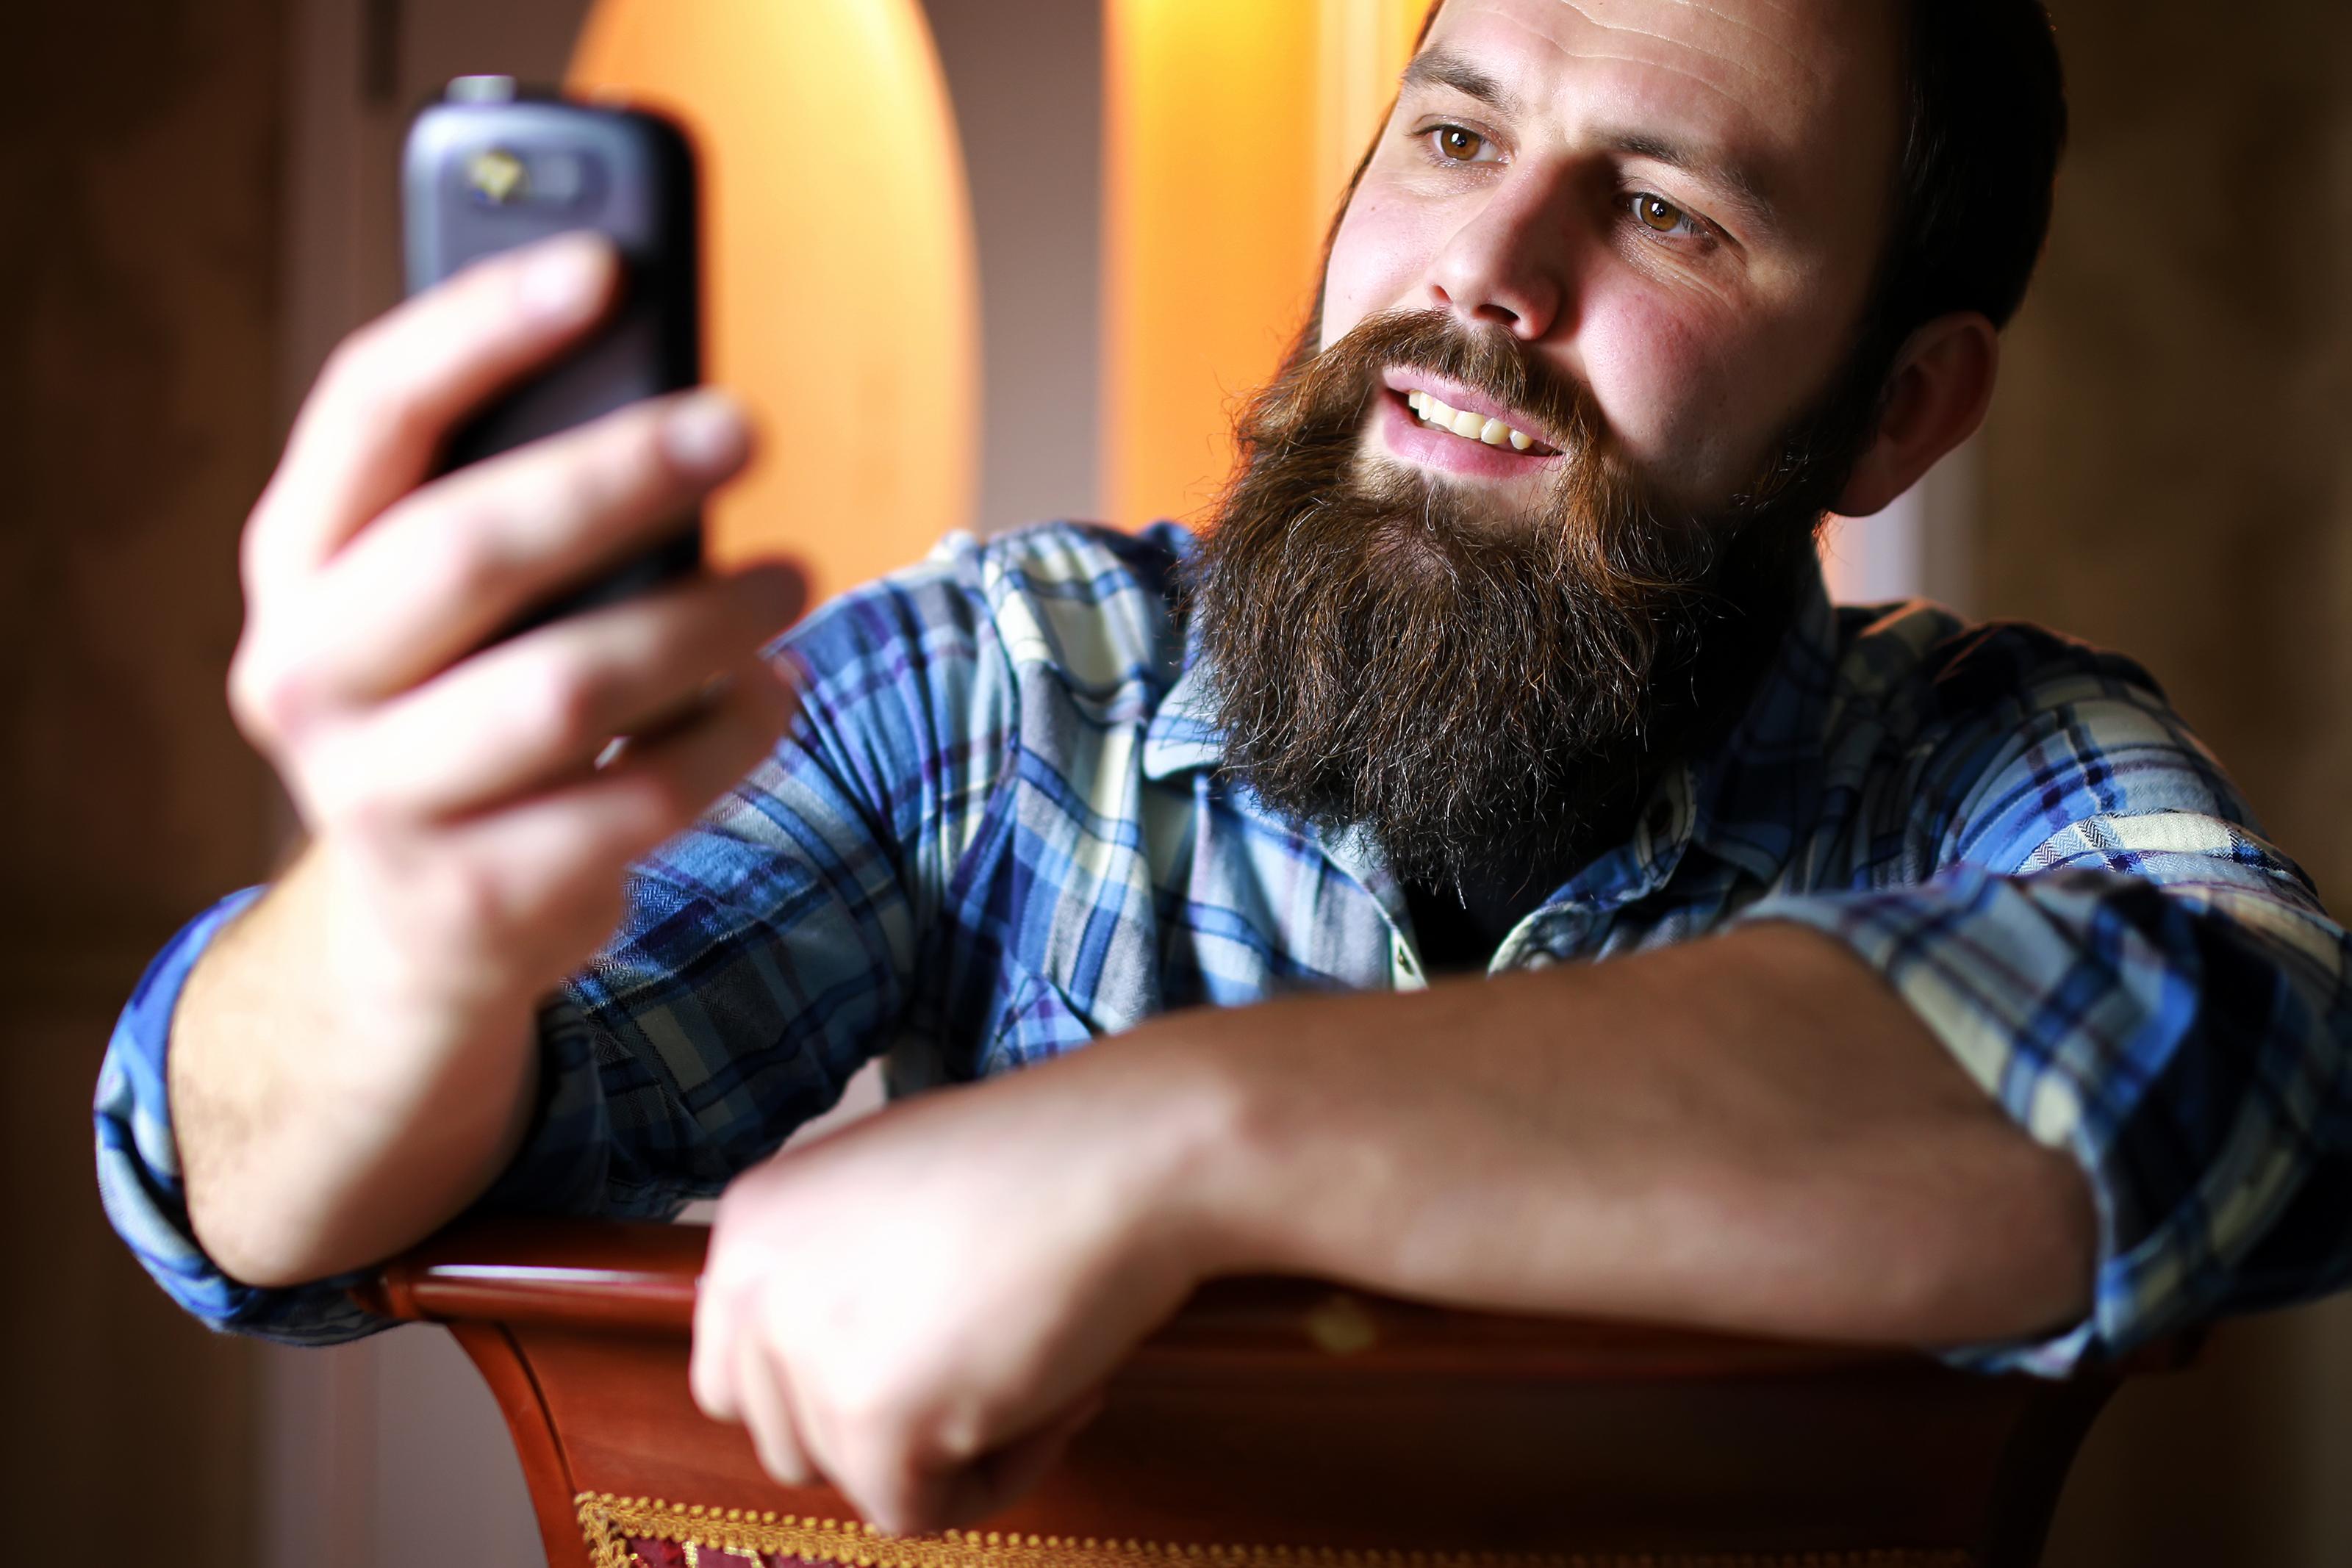 Mann meg skjegg ser på telefon